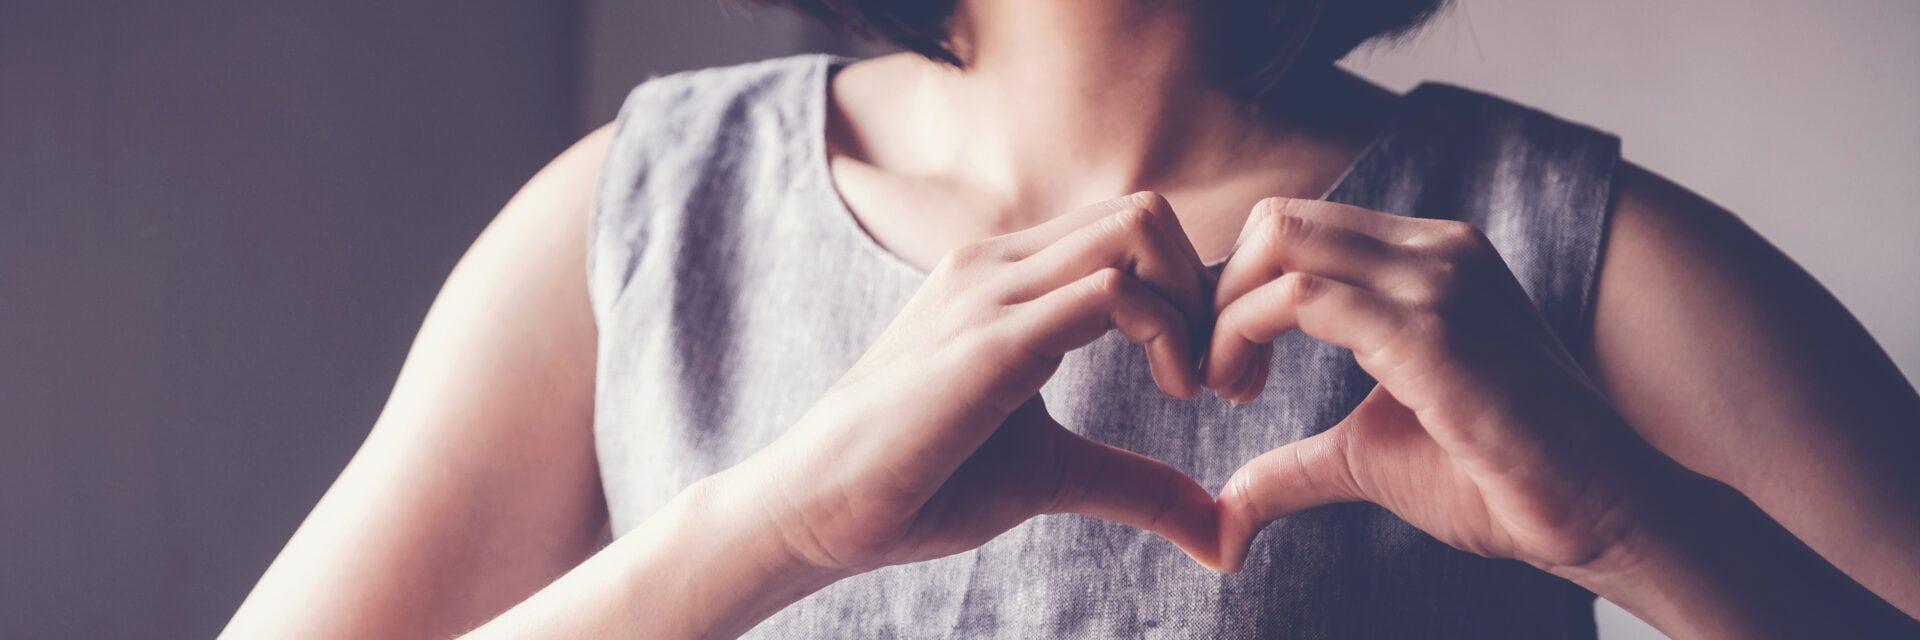 Spenden: Frau fort mit ihren Händen ein Herz